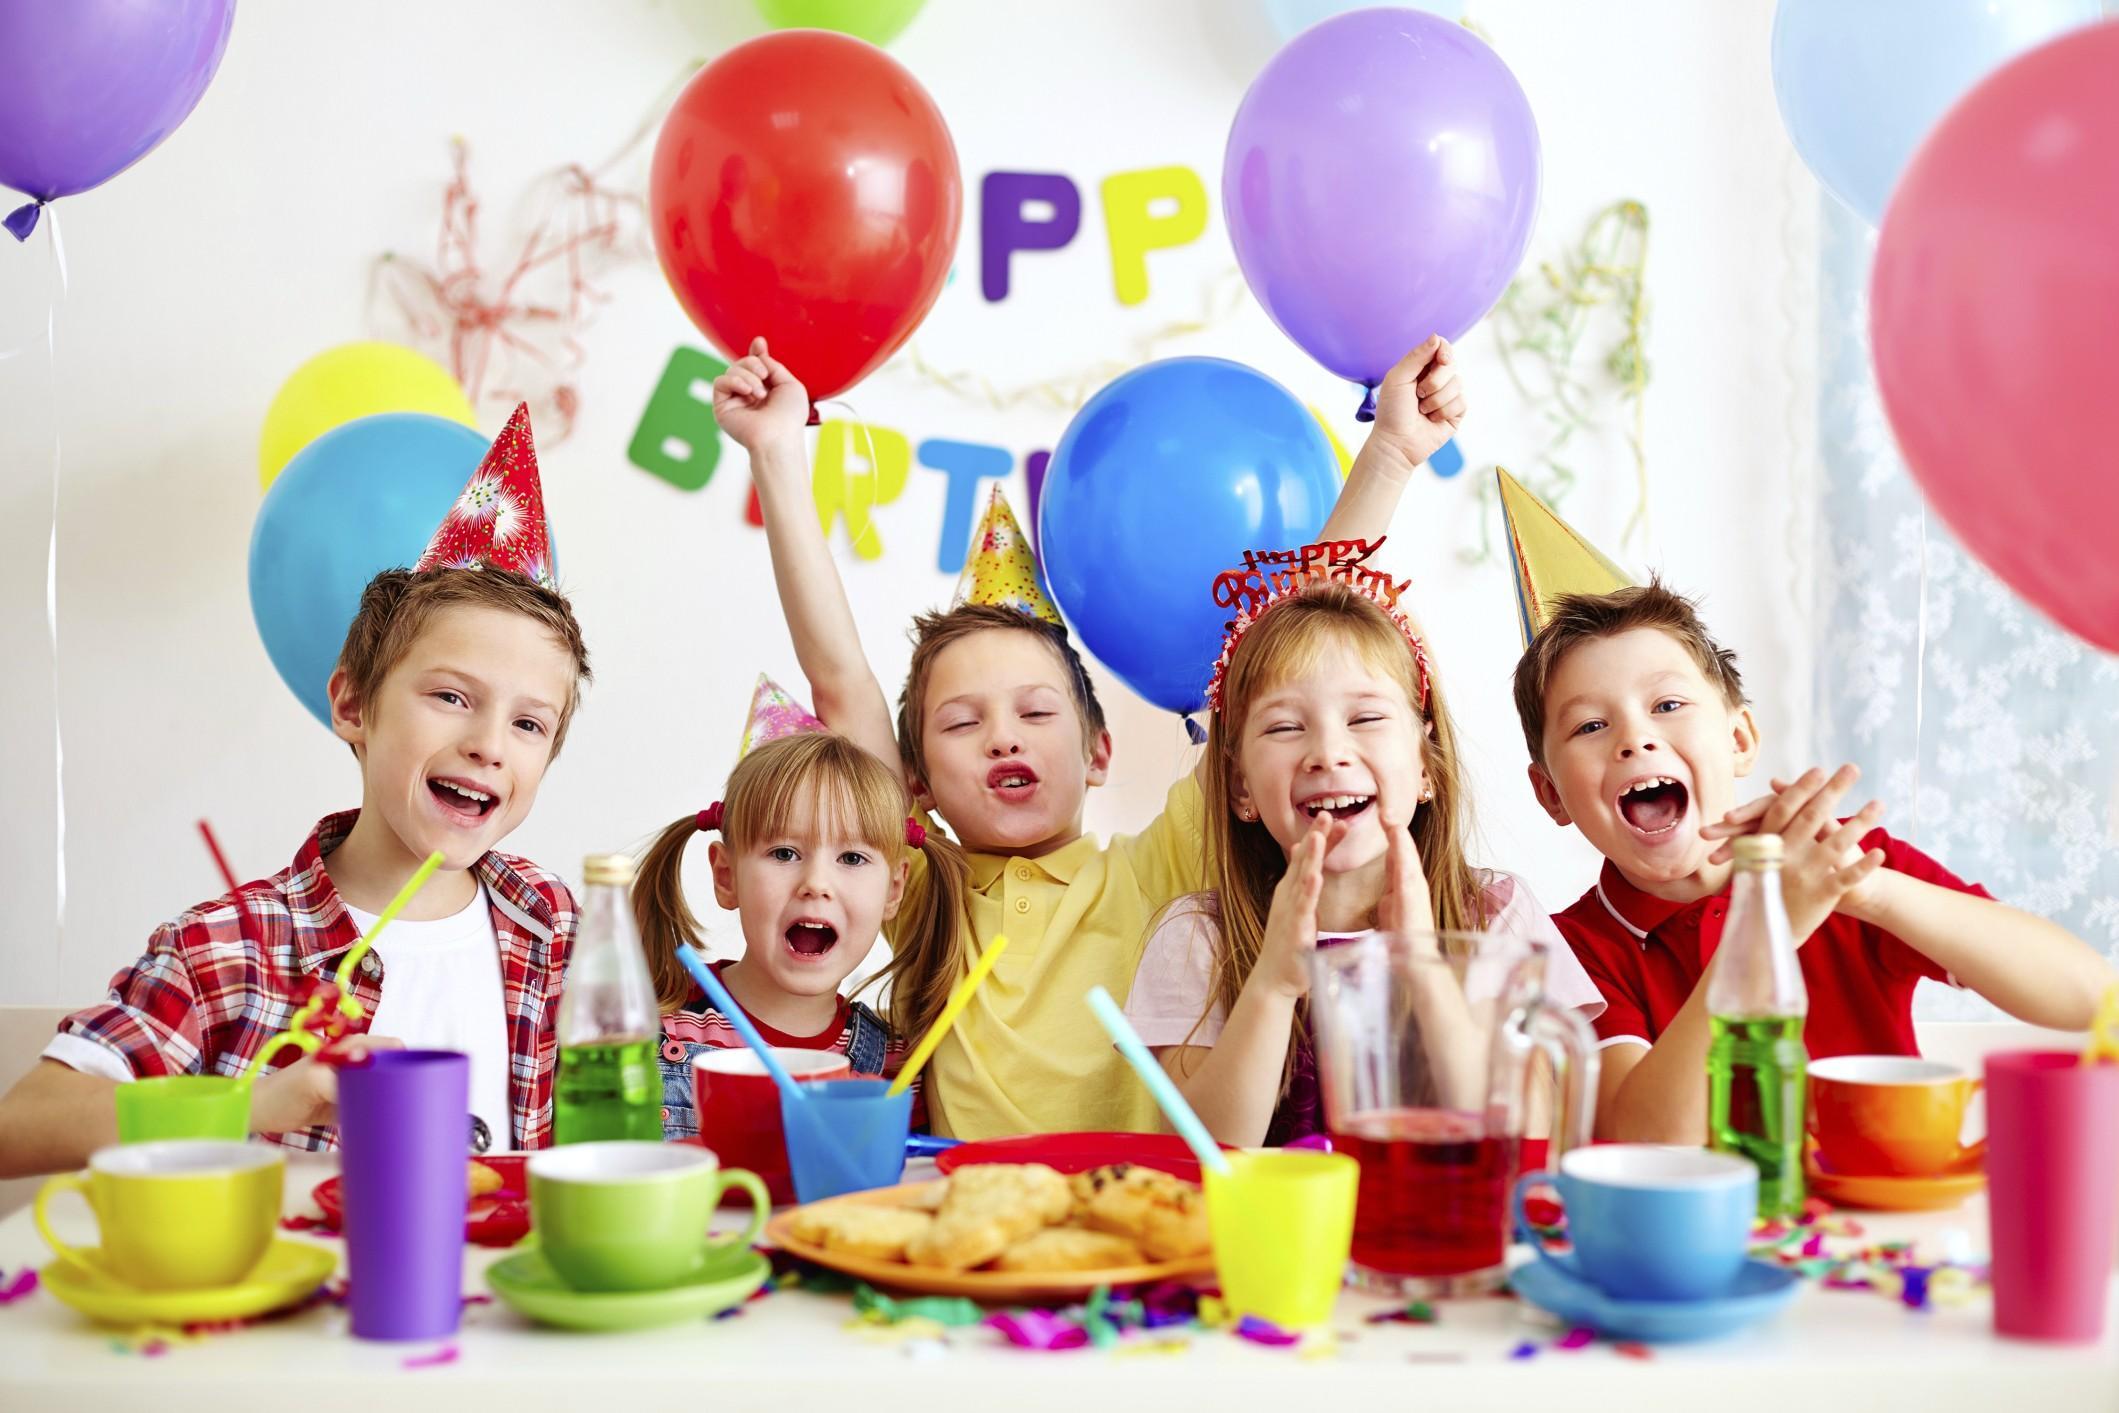 Как украсить детский стол на День рождения, детский праздник? Оформление и сервировка детского стола на День рождения своими руками: идеи, фото